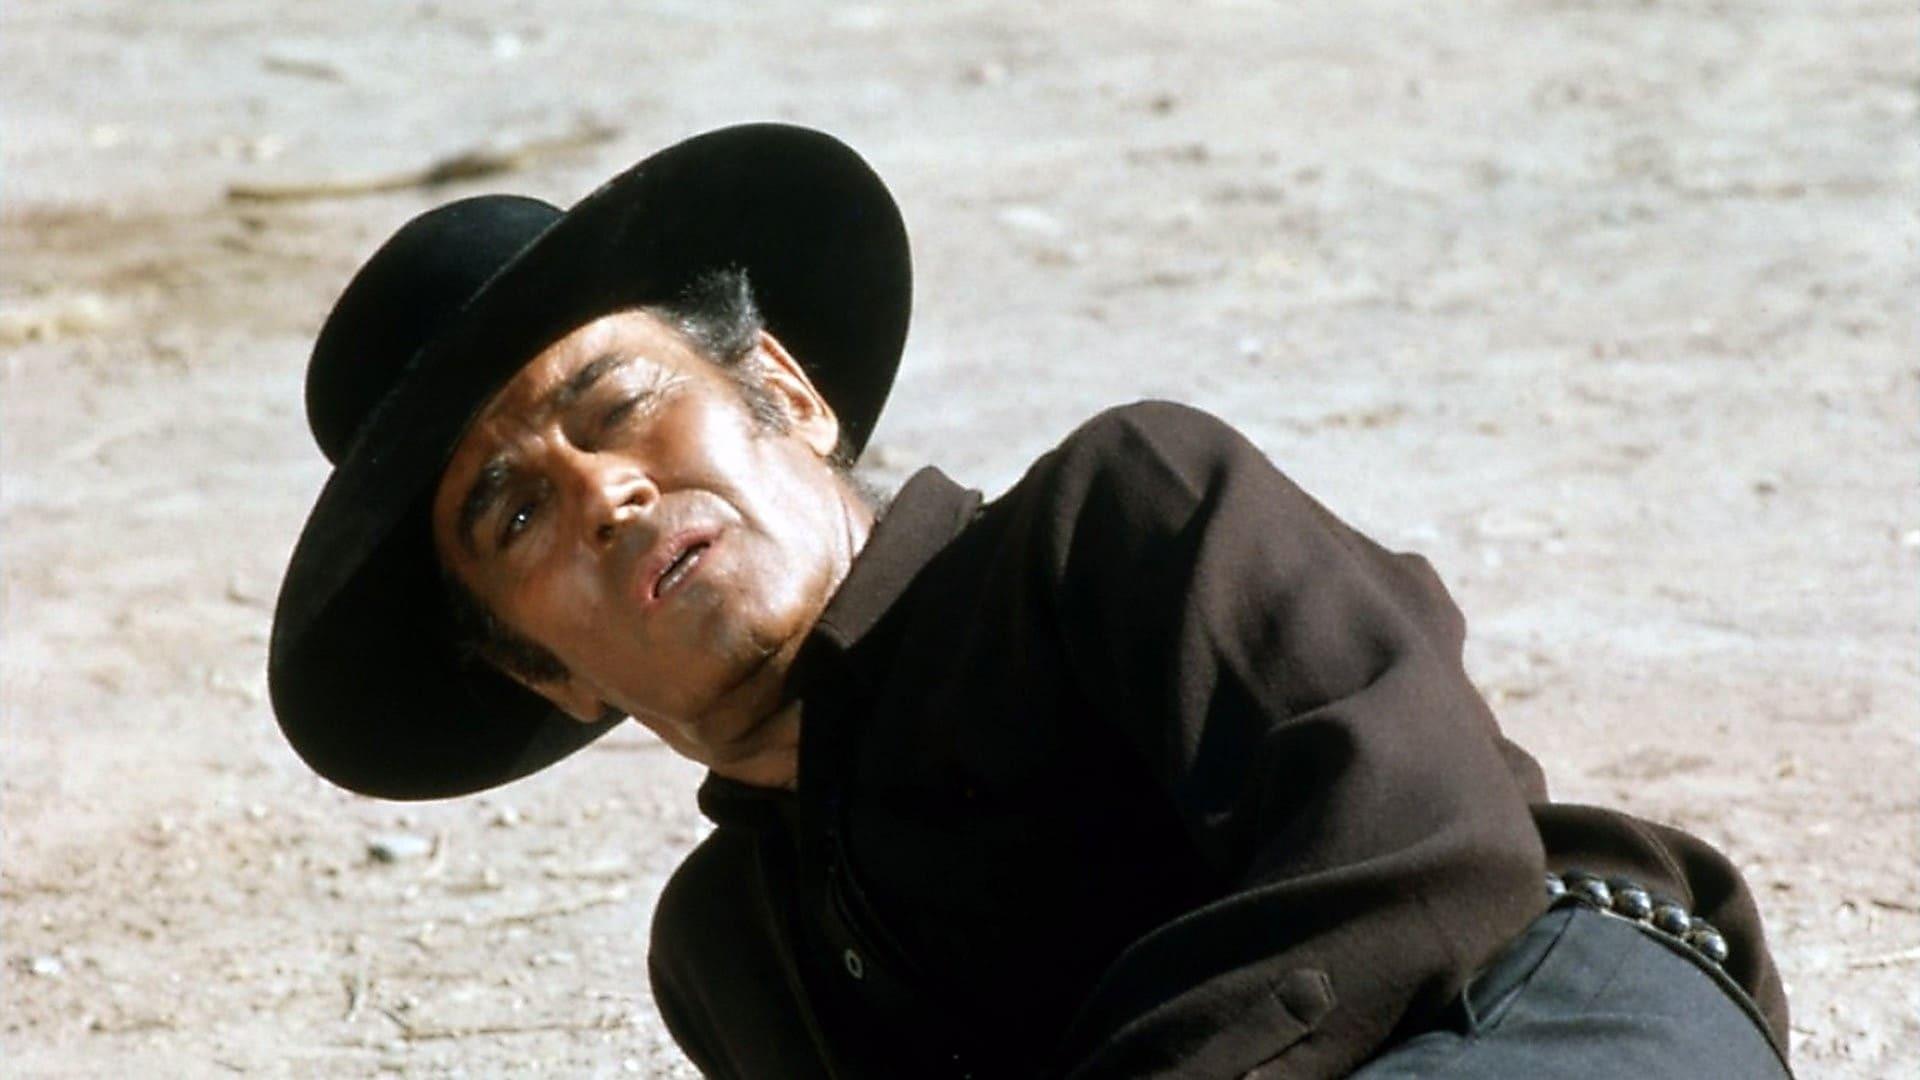 Кадры из фильма Однажды на Диком Западе C'era una volta il West 1968